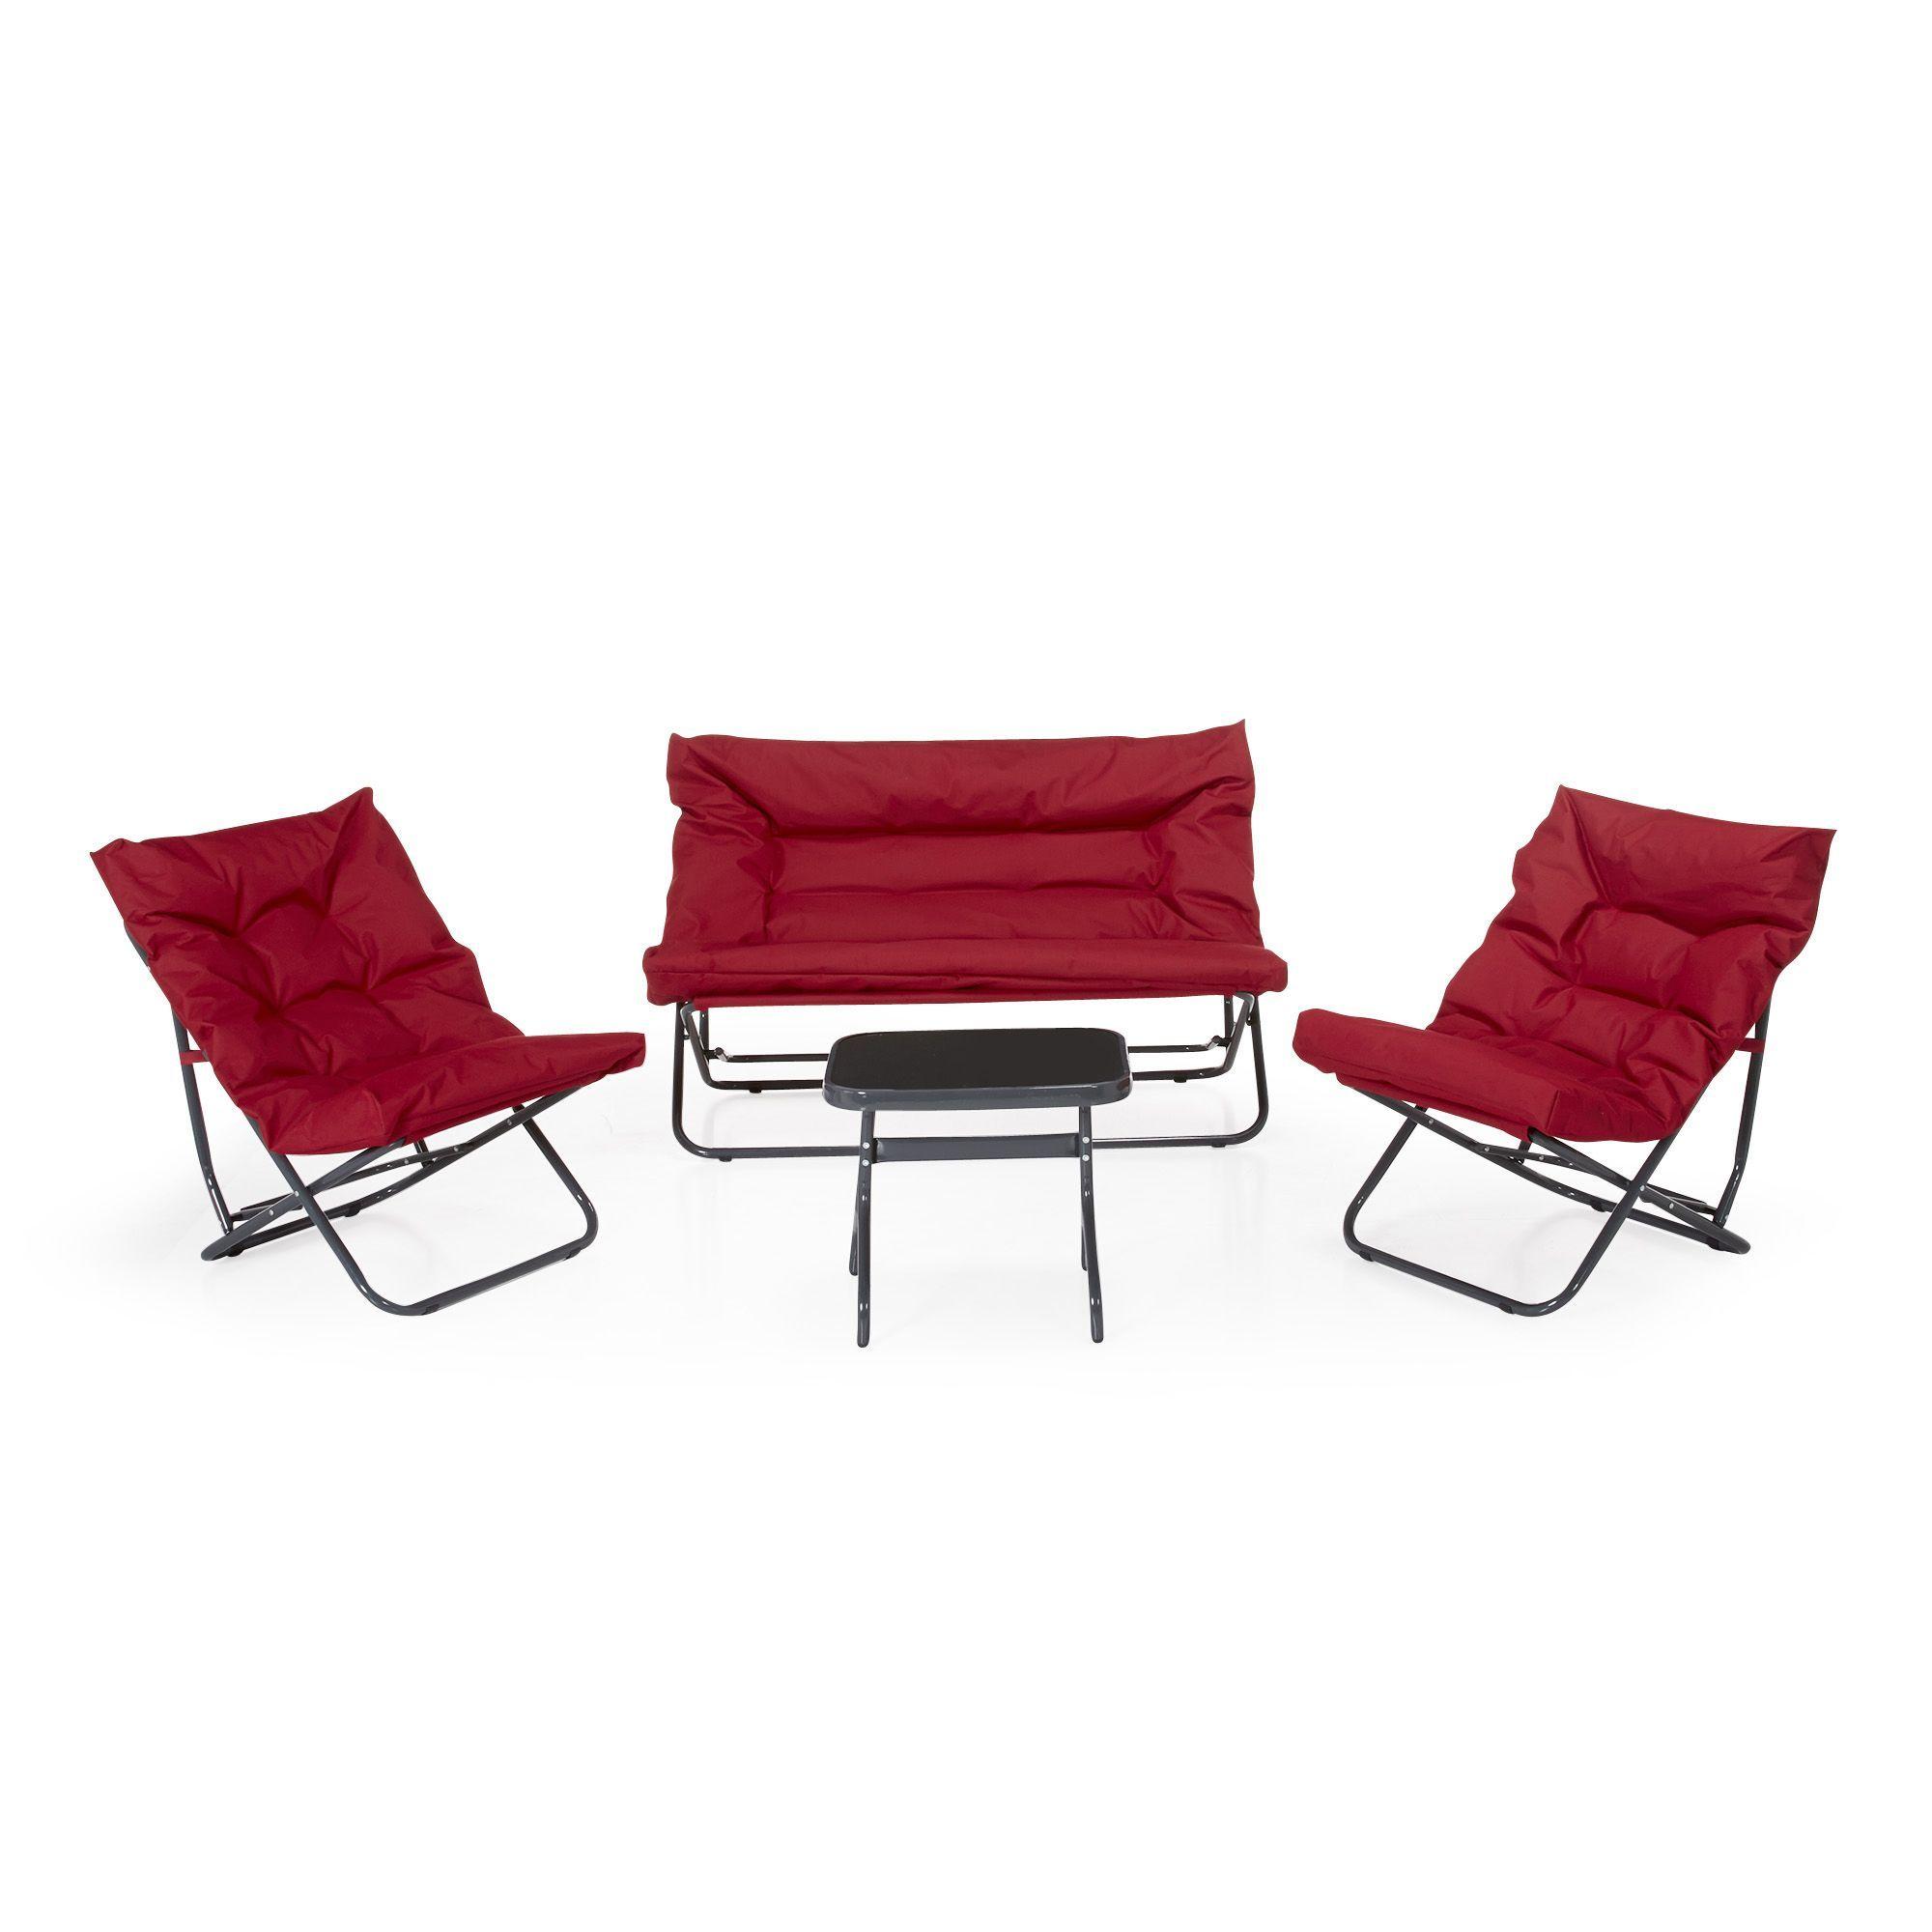 Salon de jardin 4 éléments rouge Rouge - Shrink - Salons de jardin ...